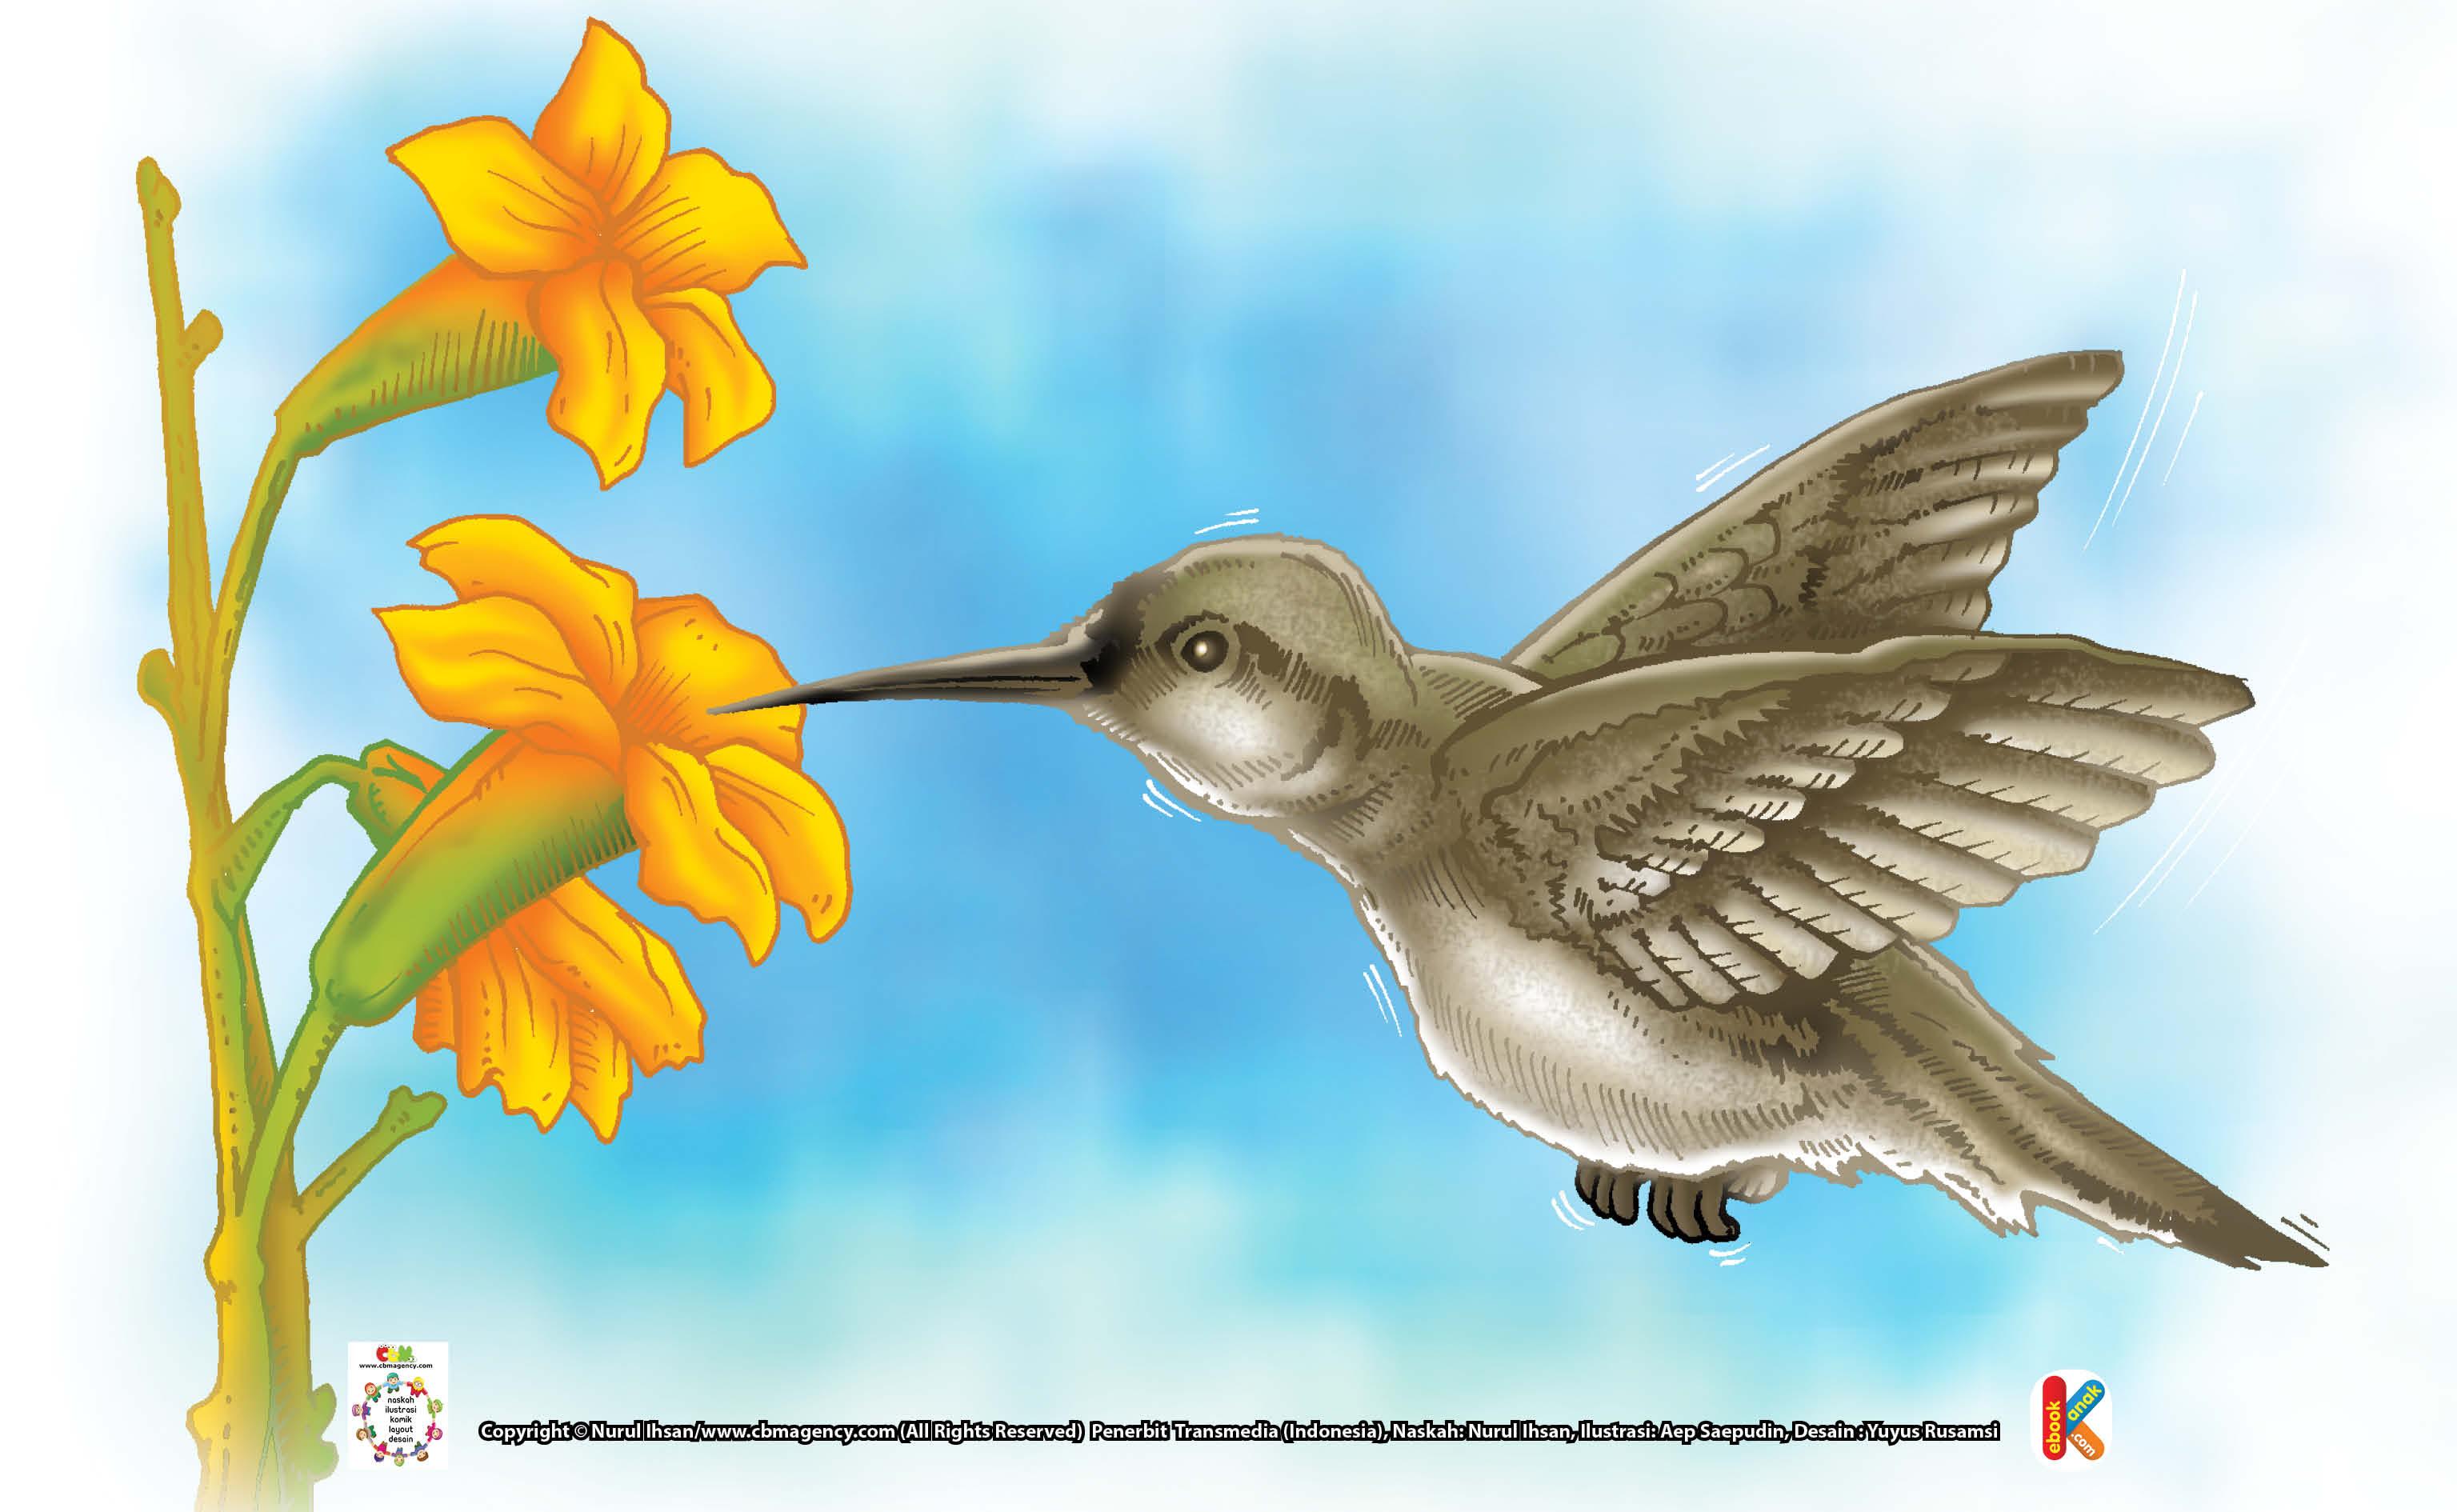 Download 99 Gambar Burung Ilustrasi Keren Gratis